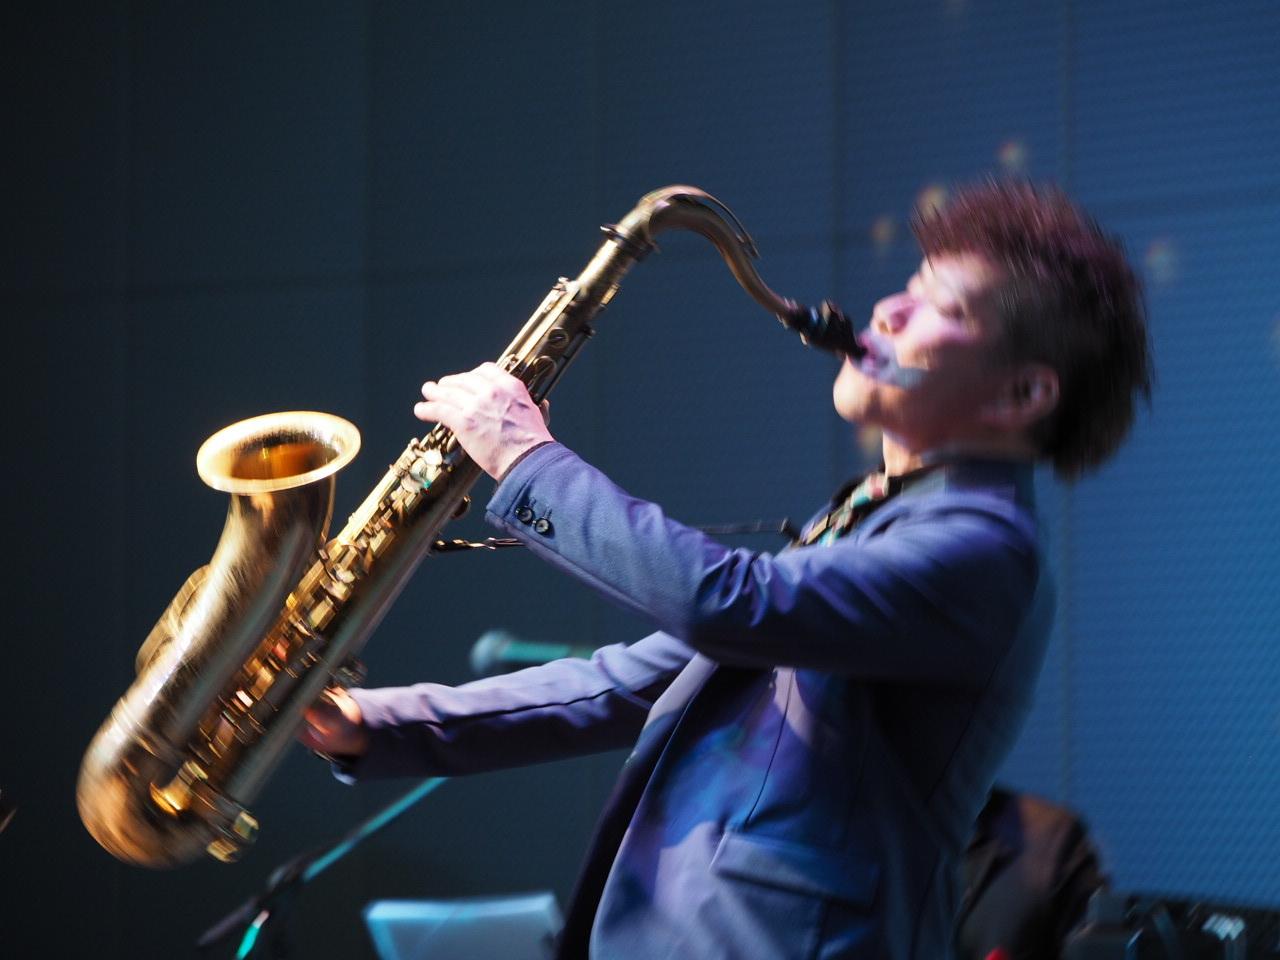 ジャズ講談のコンサートでした 2020年冬_f0135940_01555827.jpg